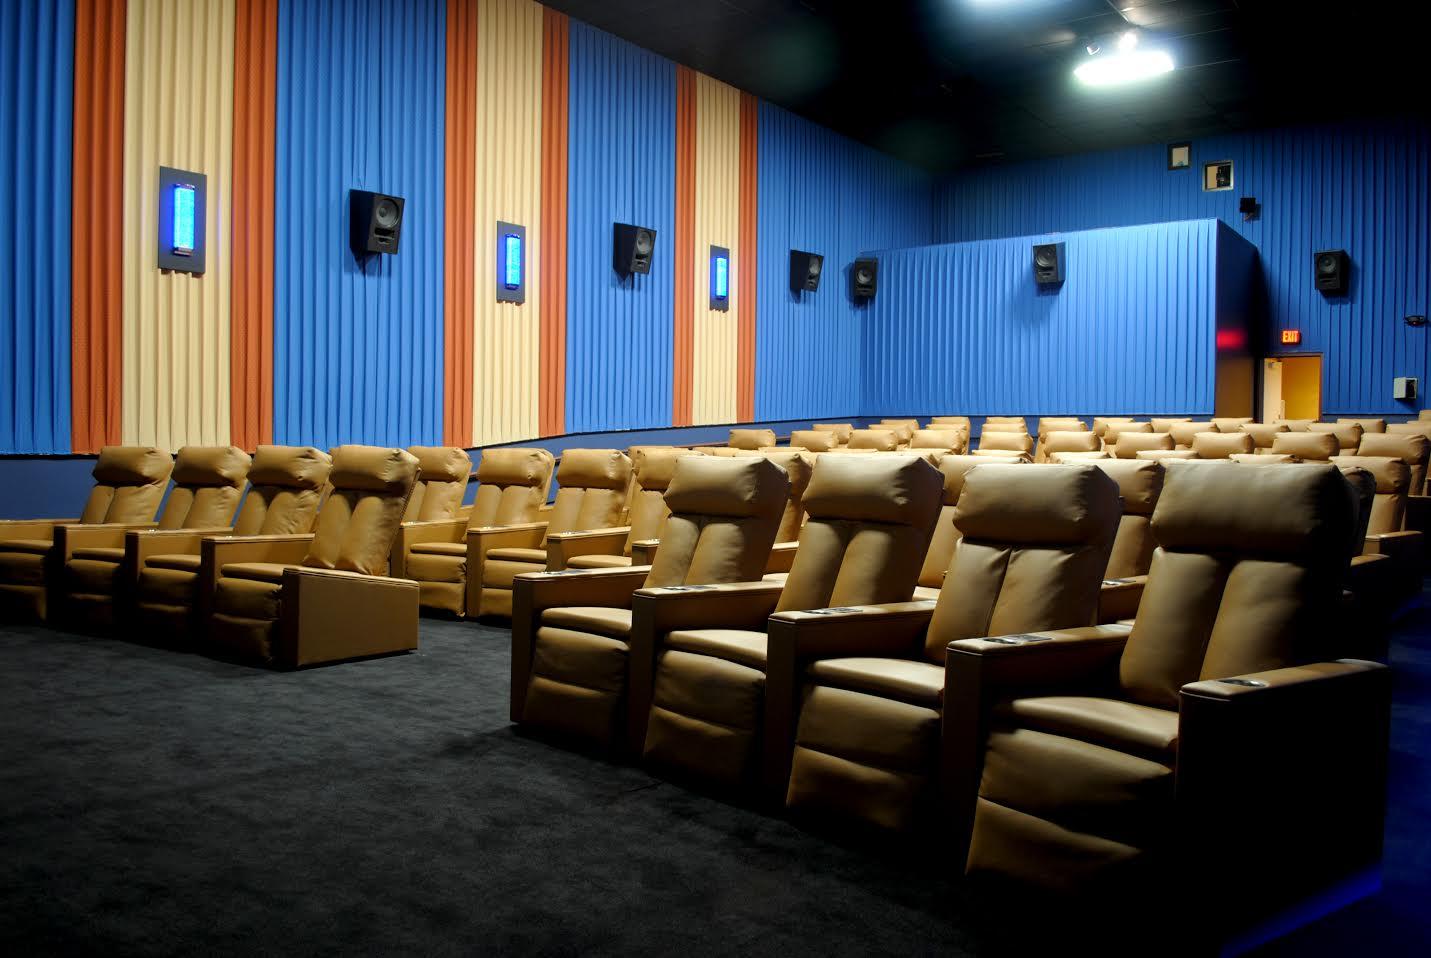 Beyazperdecom En güncel sinema ve TV haberleri fragmanlar ve röportajlar sinema seansları ve TV yayın saatleri üstelik en kapsamlı sinema ve televizyon